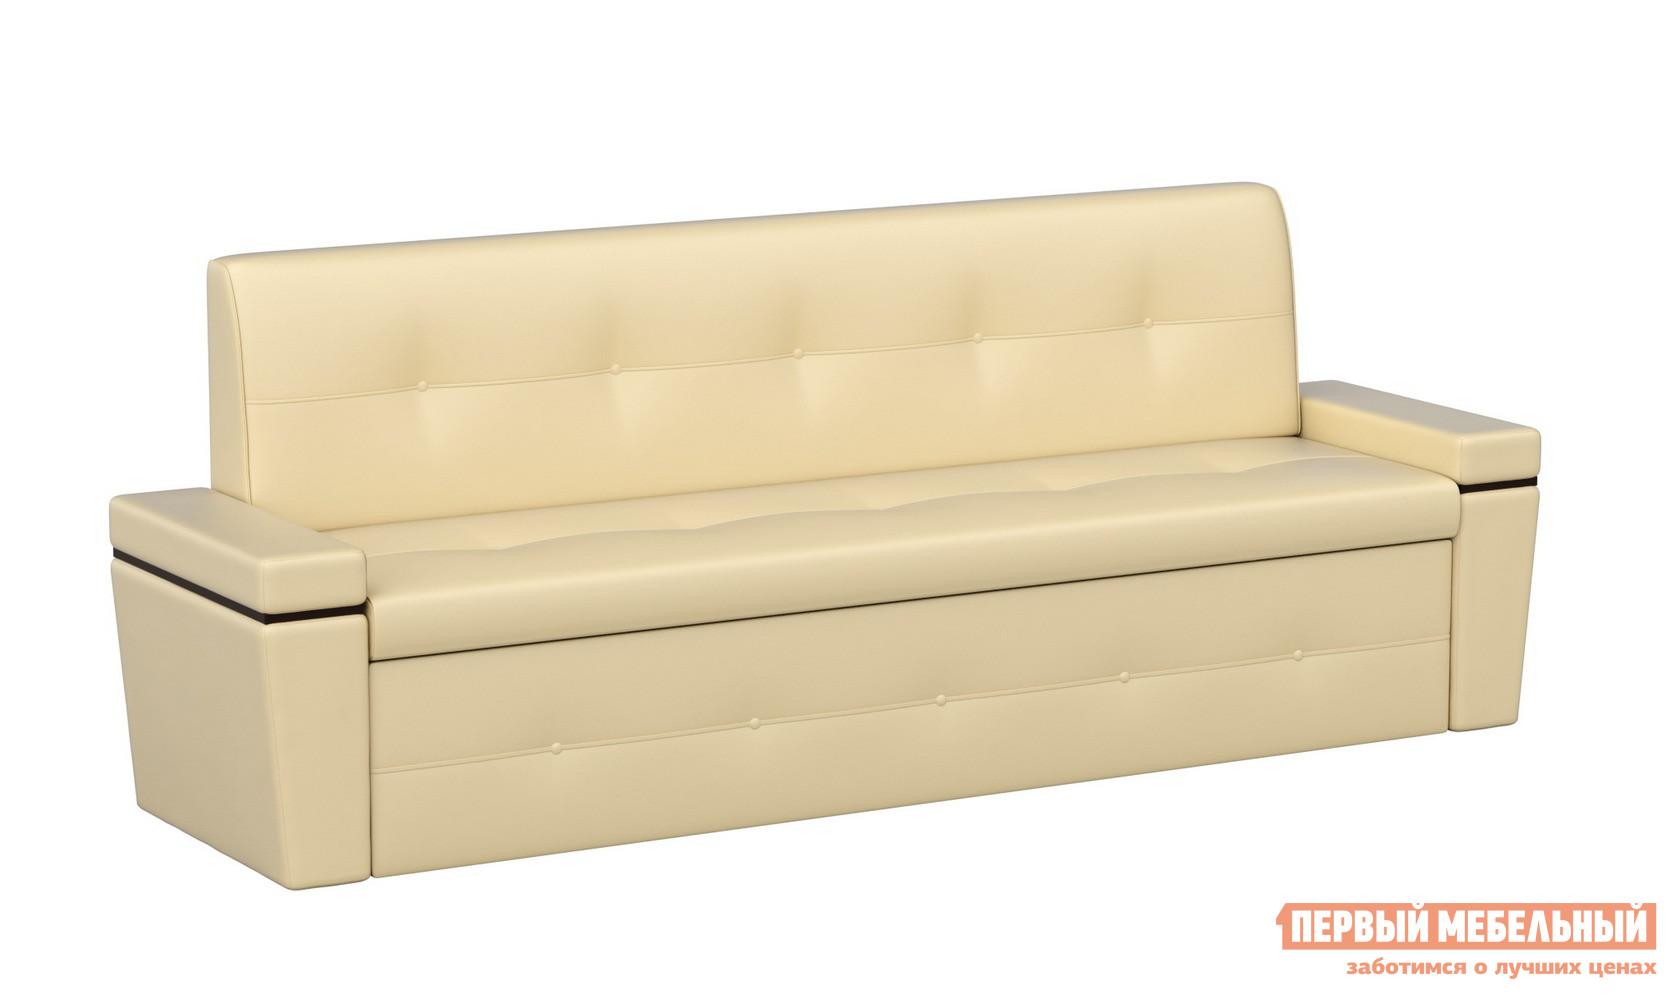 Раскладной прямой кухонный диван со спальным местом Мебелико Кухонный диван Деметра